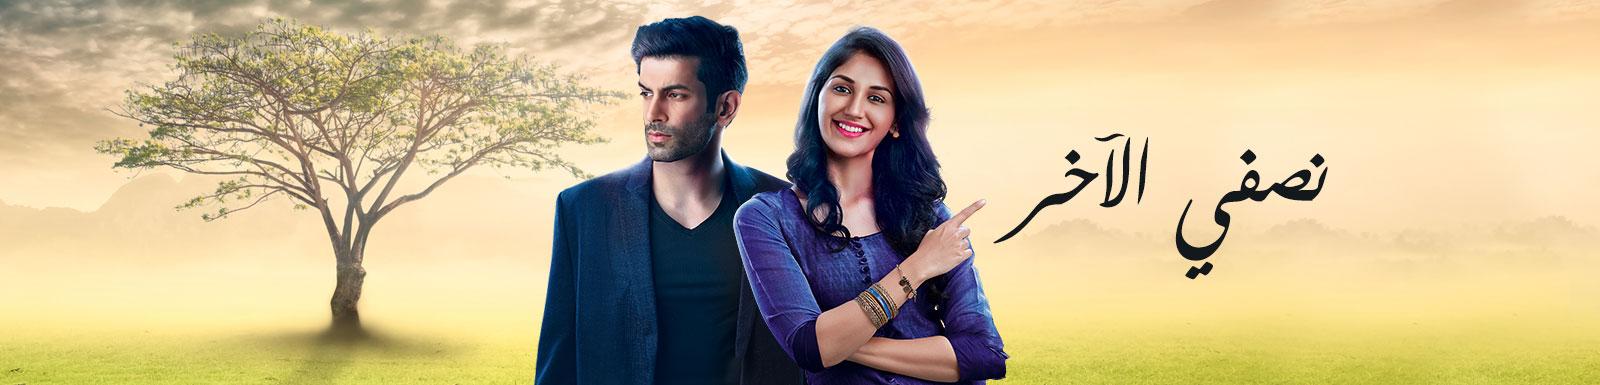 موعد وتوقيت عرض مسلسل نصفي الآخر 2016 على قناة MBC Bollywood